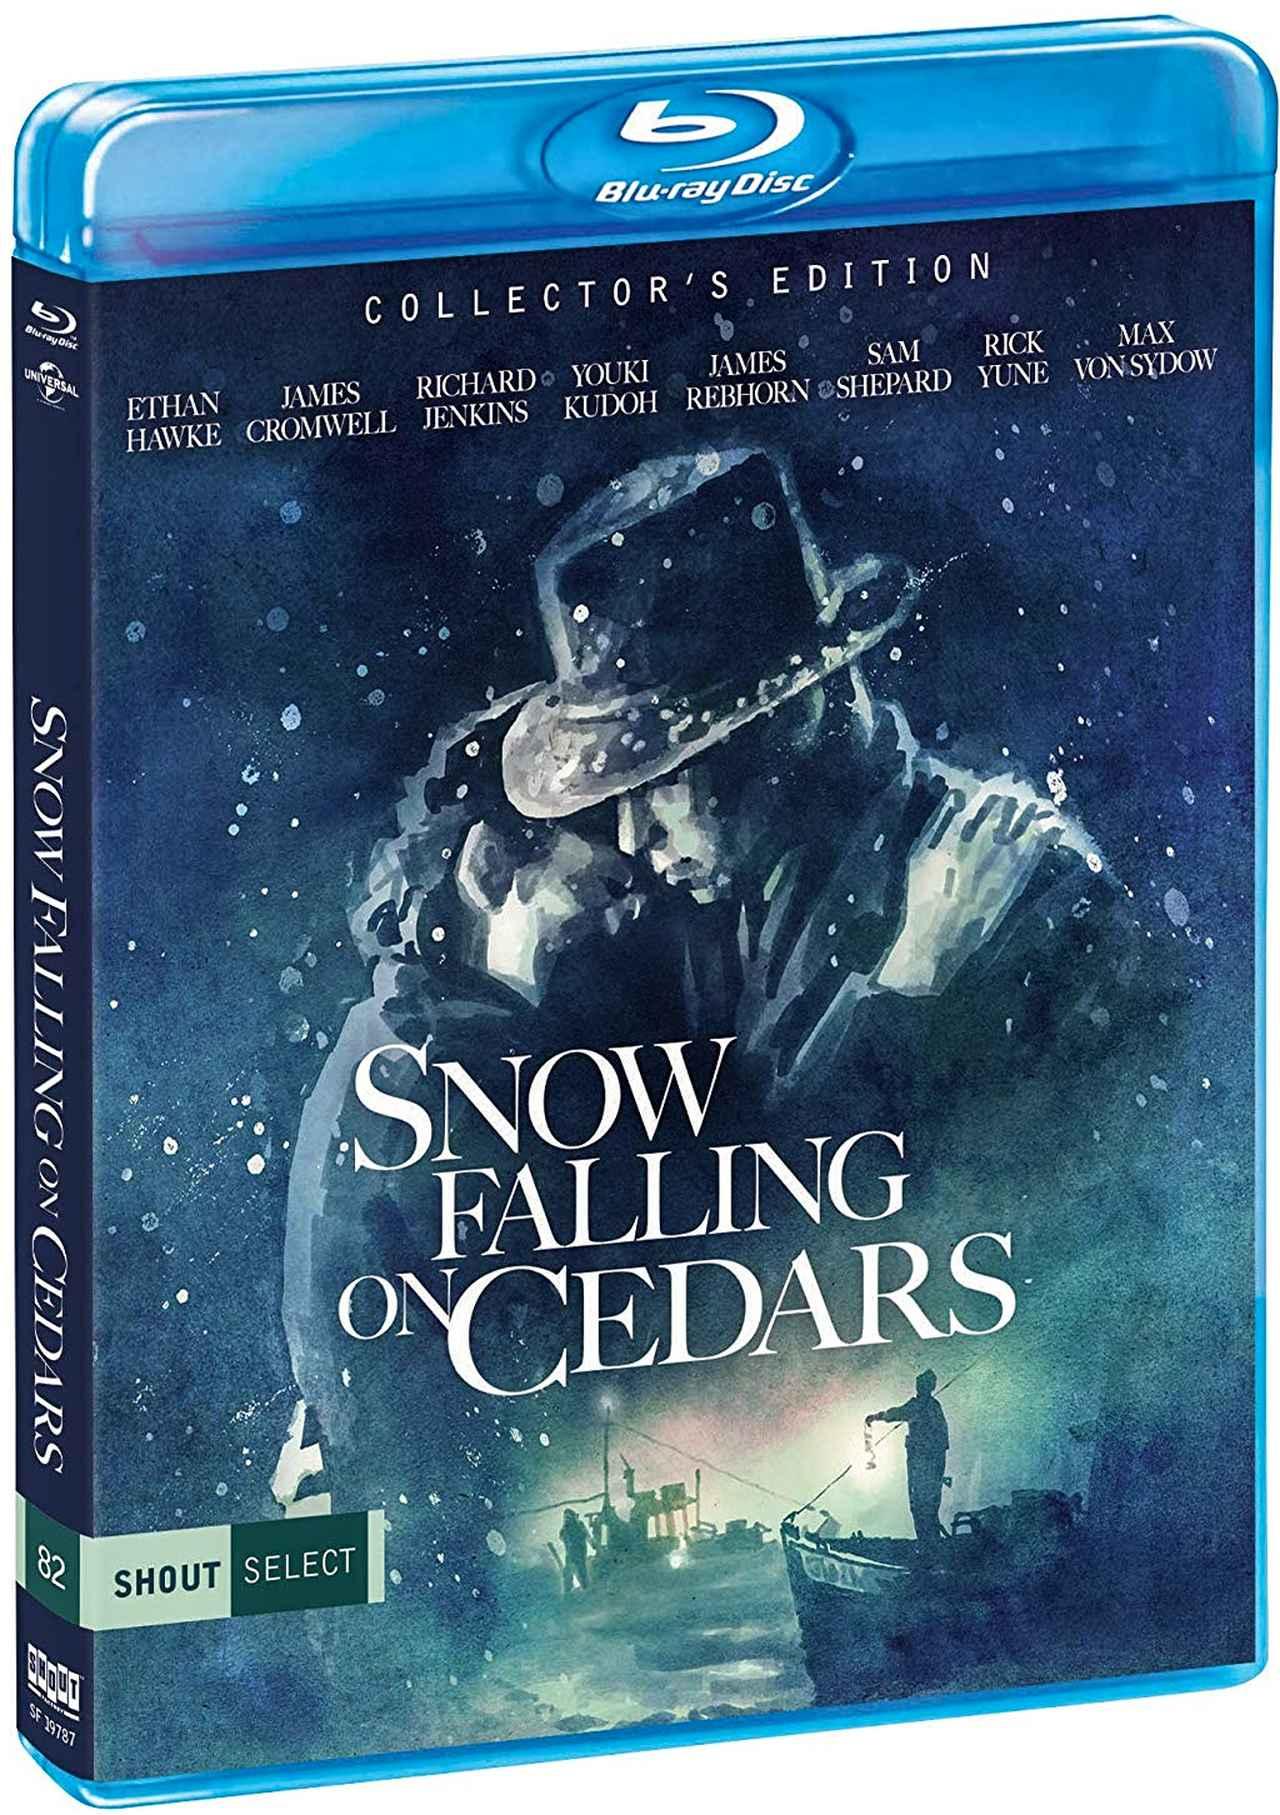 画像2: 4Kリマスターで蘇る圧巻銀残し映画『ヒマラヤ杉に降る雪』【海外盤Blu-ray発売情報】